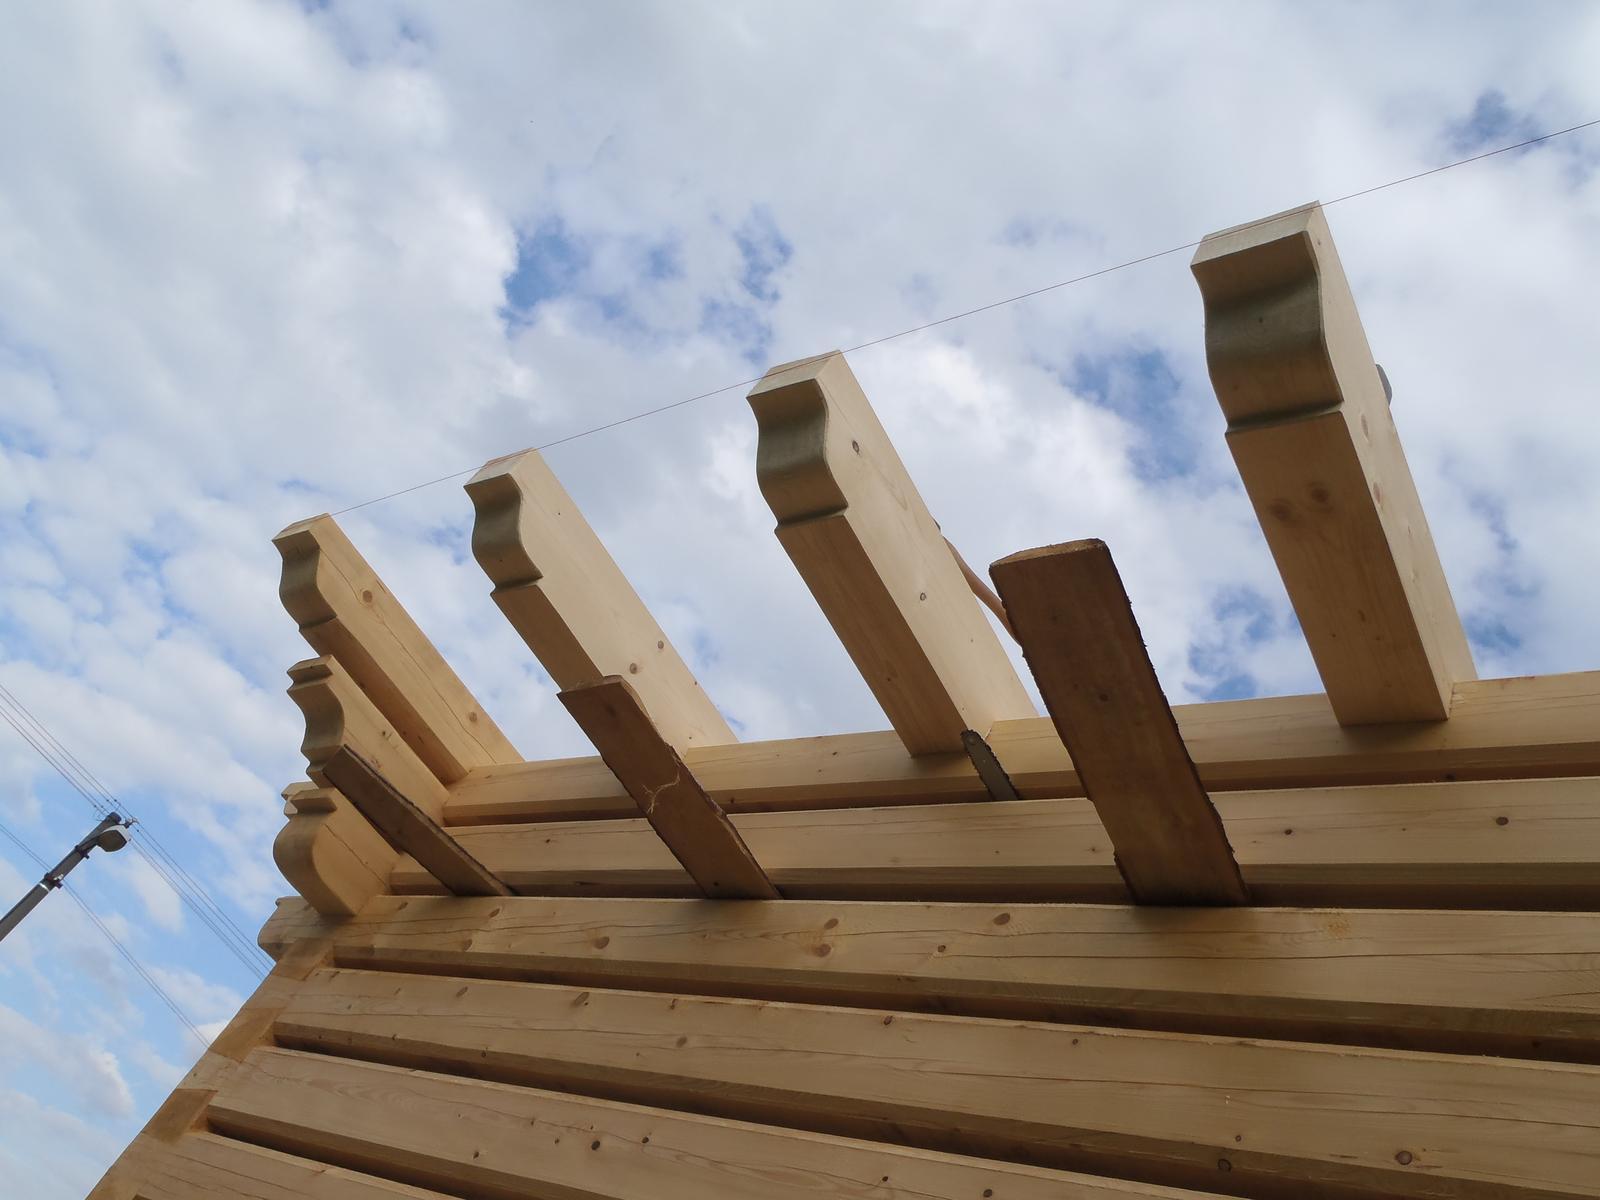 Náš veľký sen o drevenom domčeku! - Obrázok č. 95